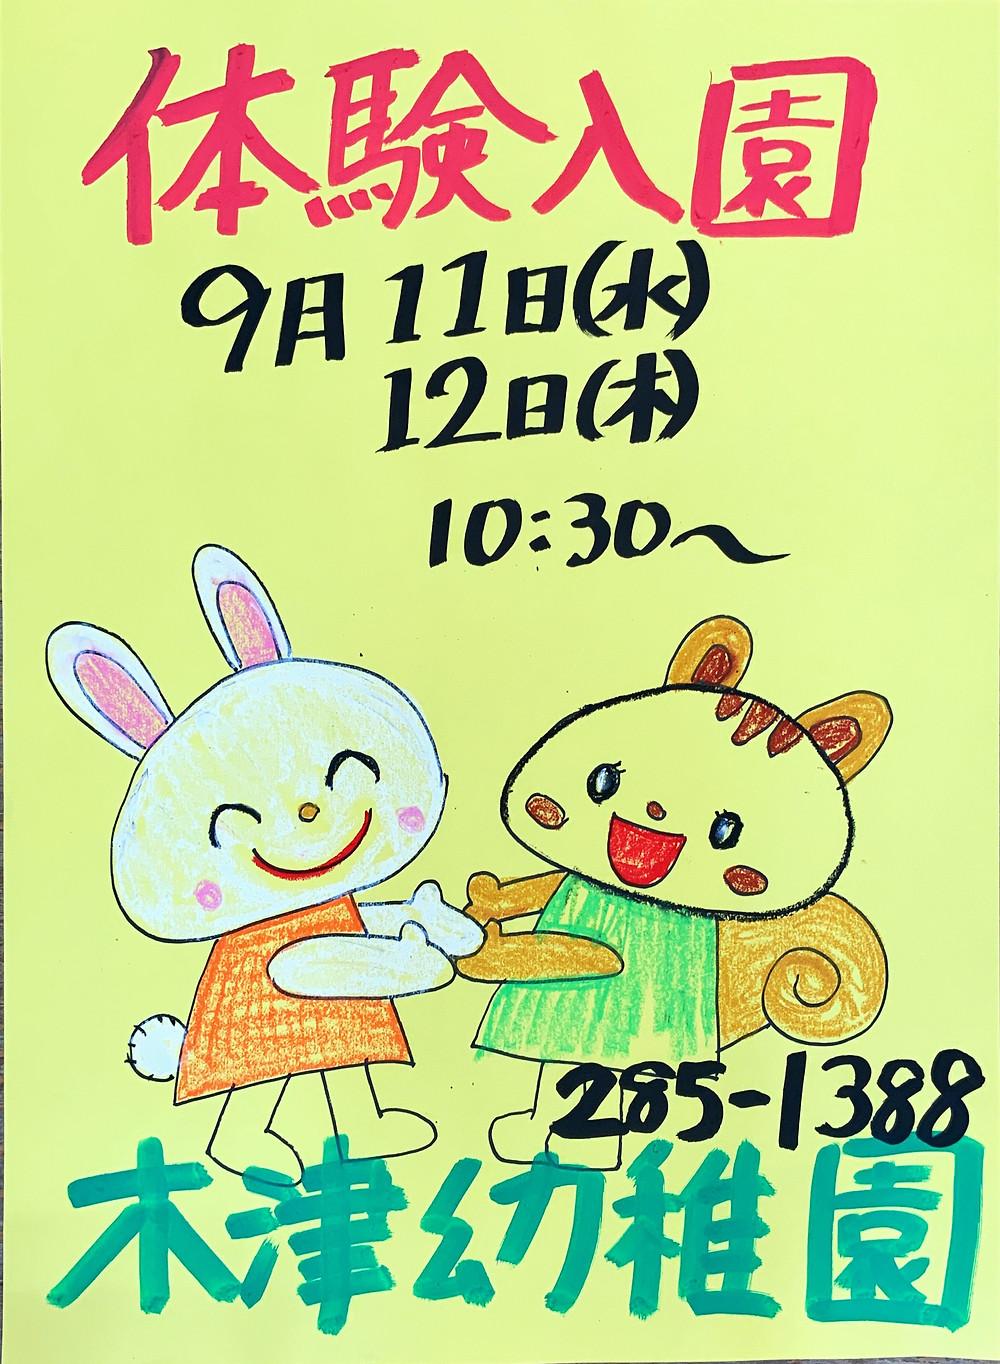 令和元年9月11日・12日に体験入園を行います。まずはお電話またはメールでお申込みお願い致します。